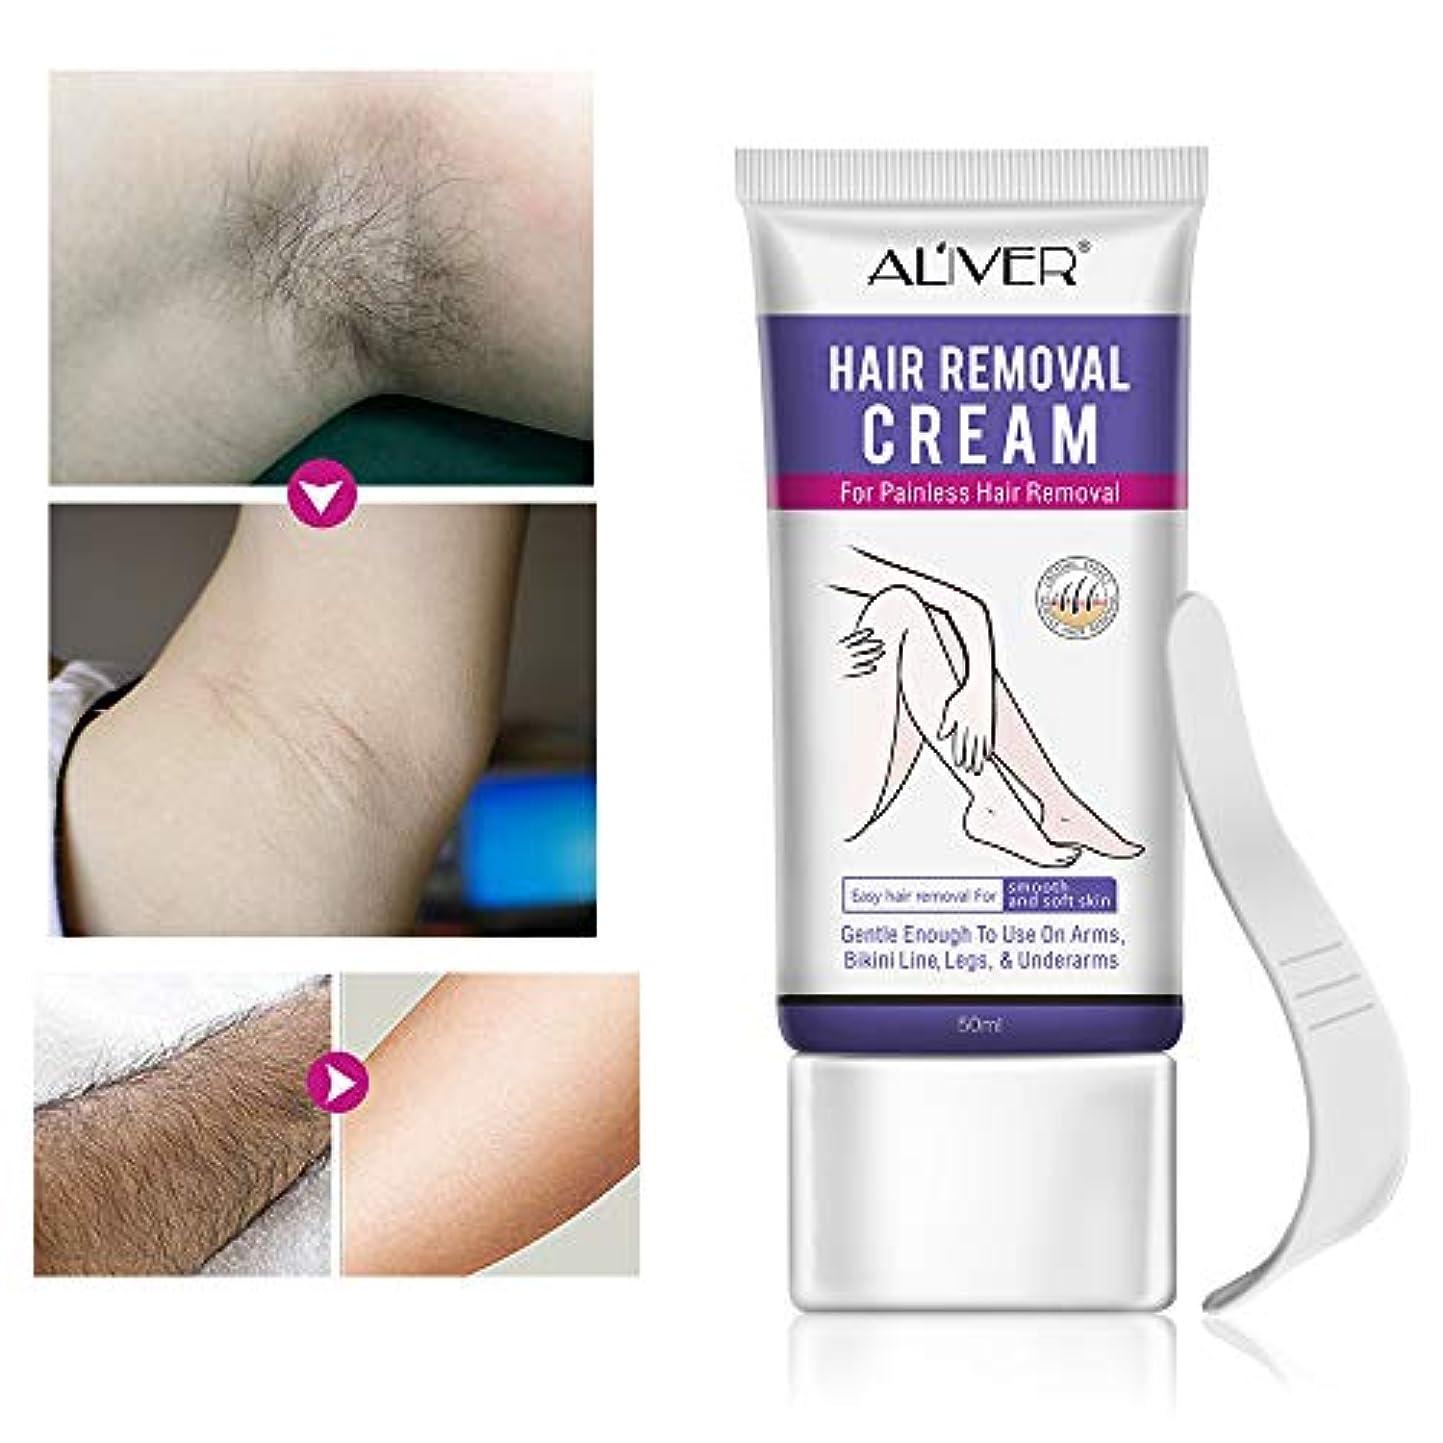 害虫とげ香水WenVann 50ml脱毛クリームはマイルドで毛足を刺激しませんボディケアは肌を傷つけません